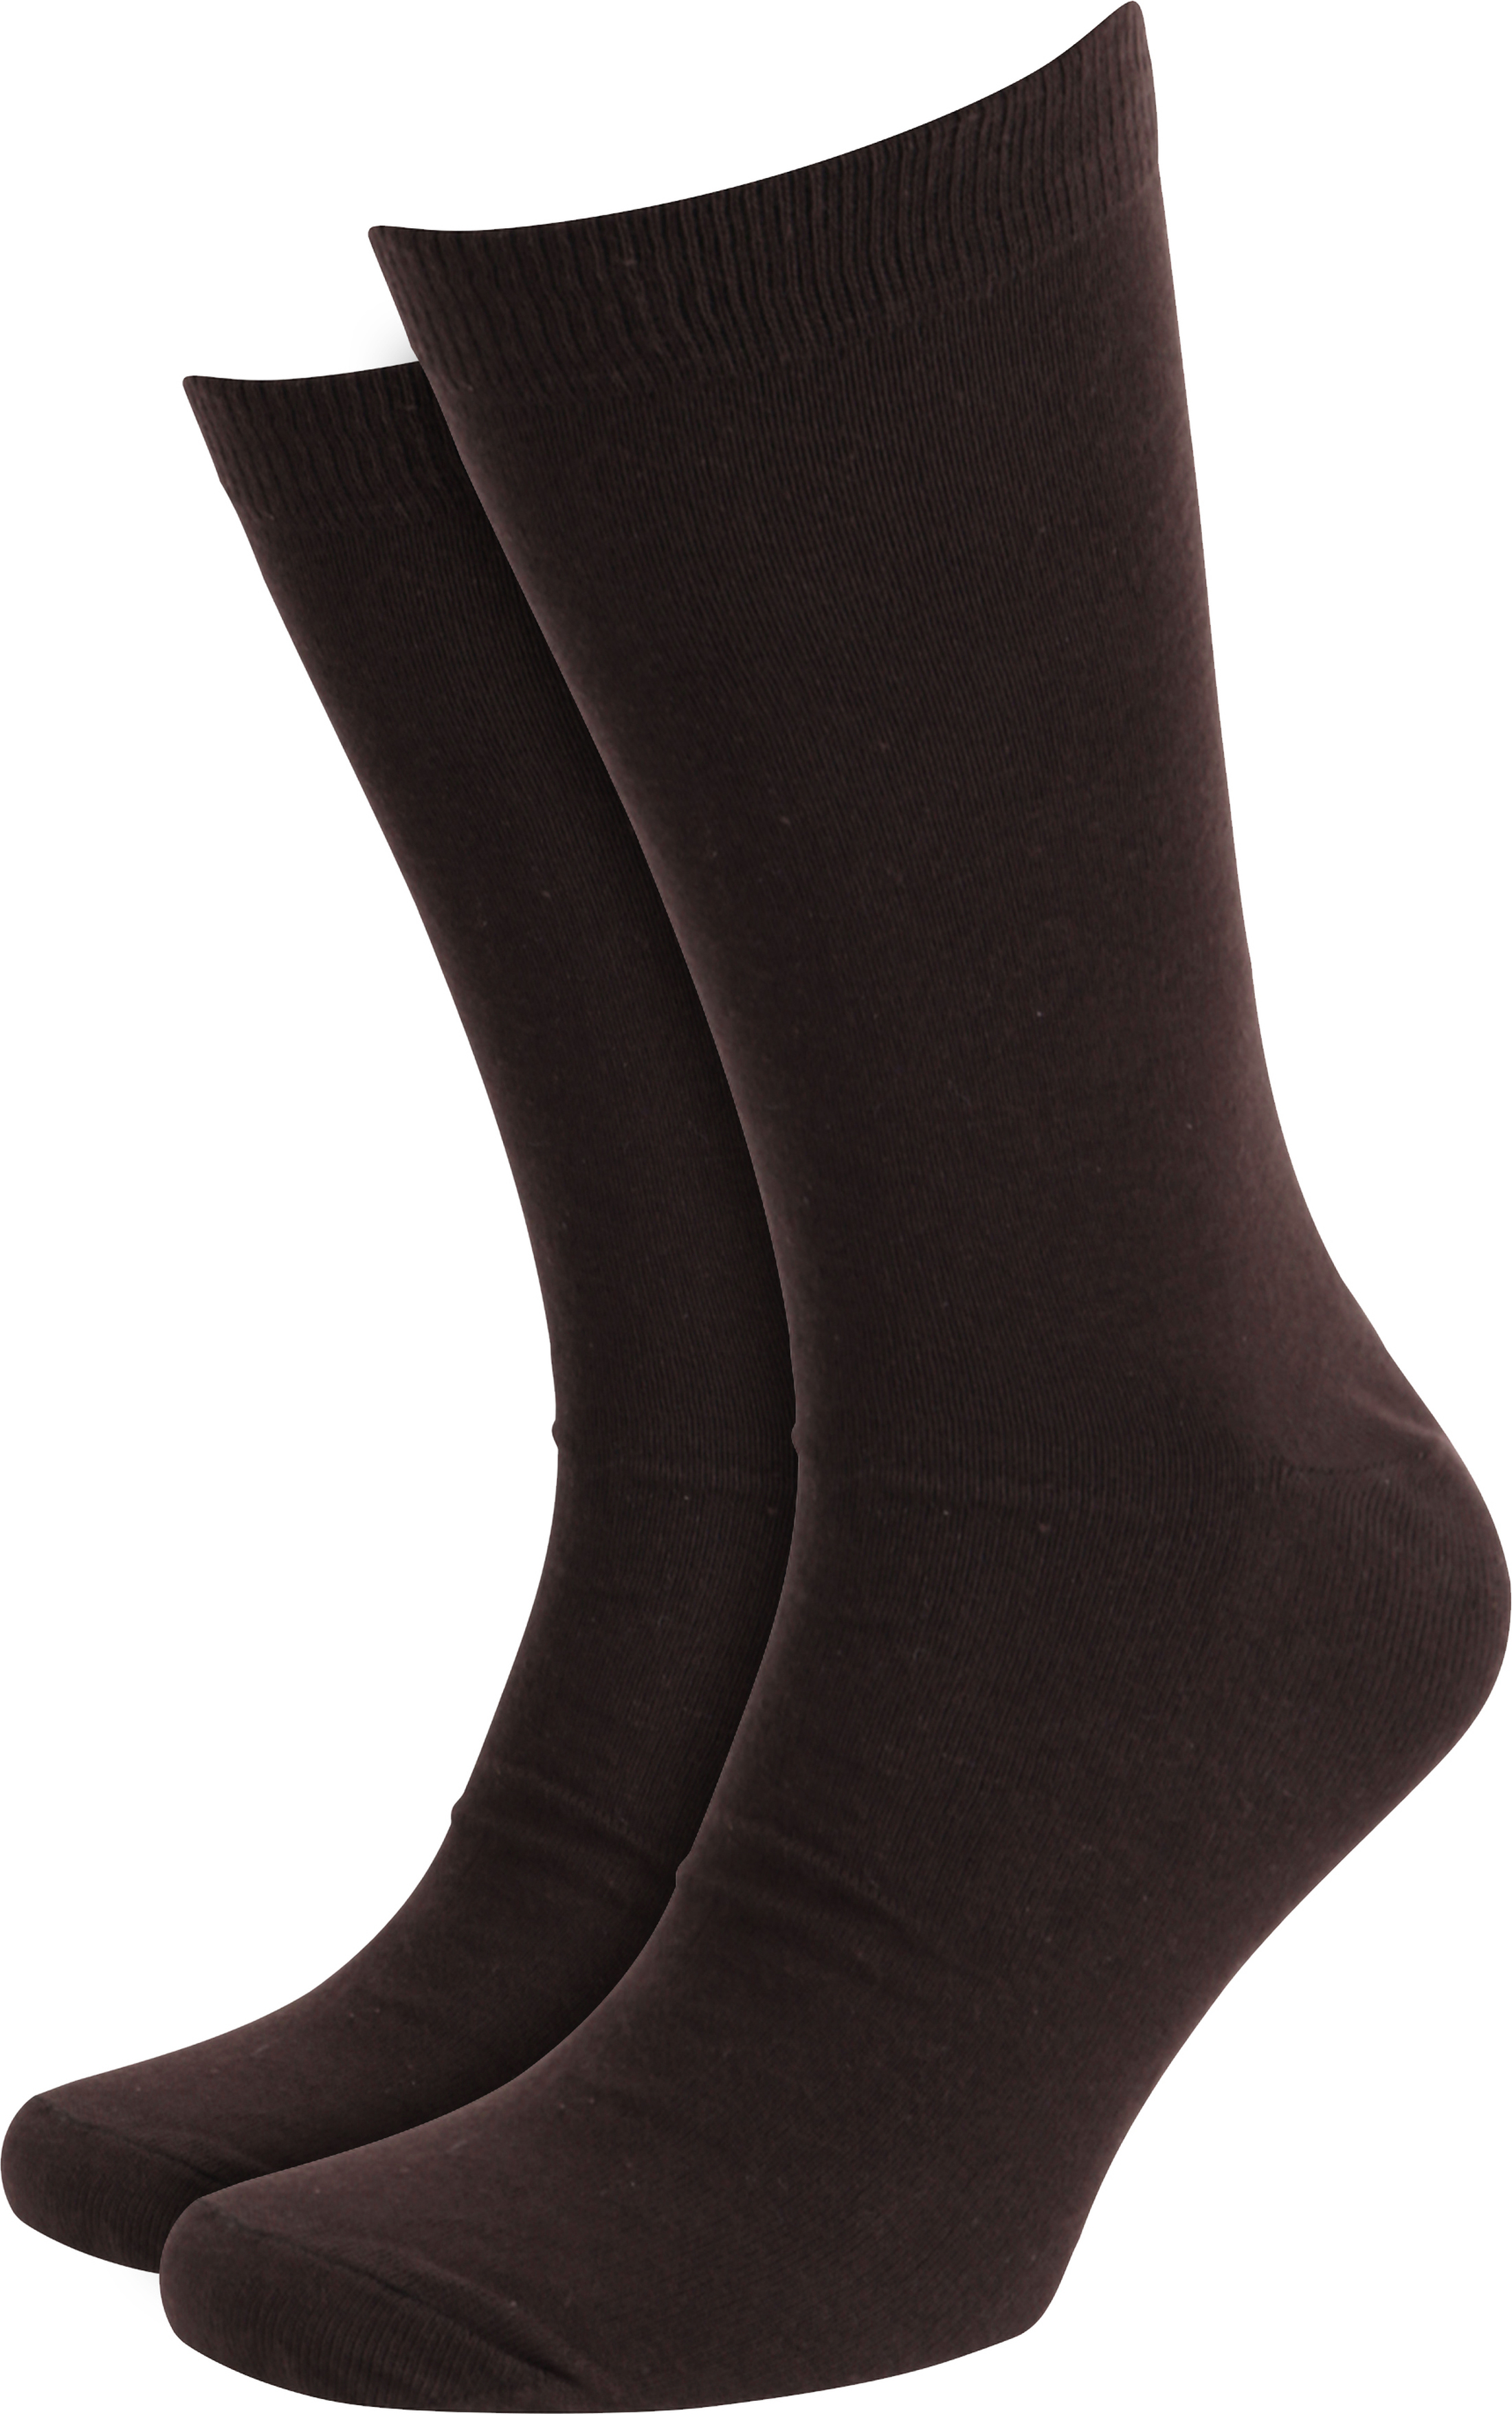 Suitable Socks Brown